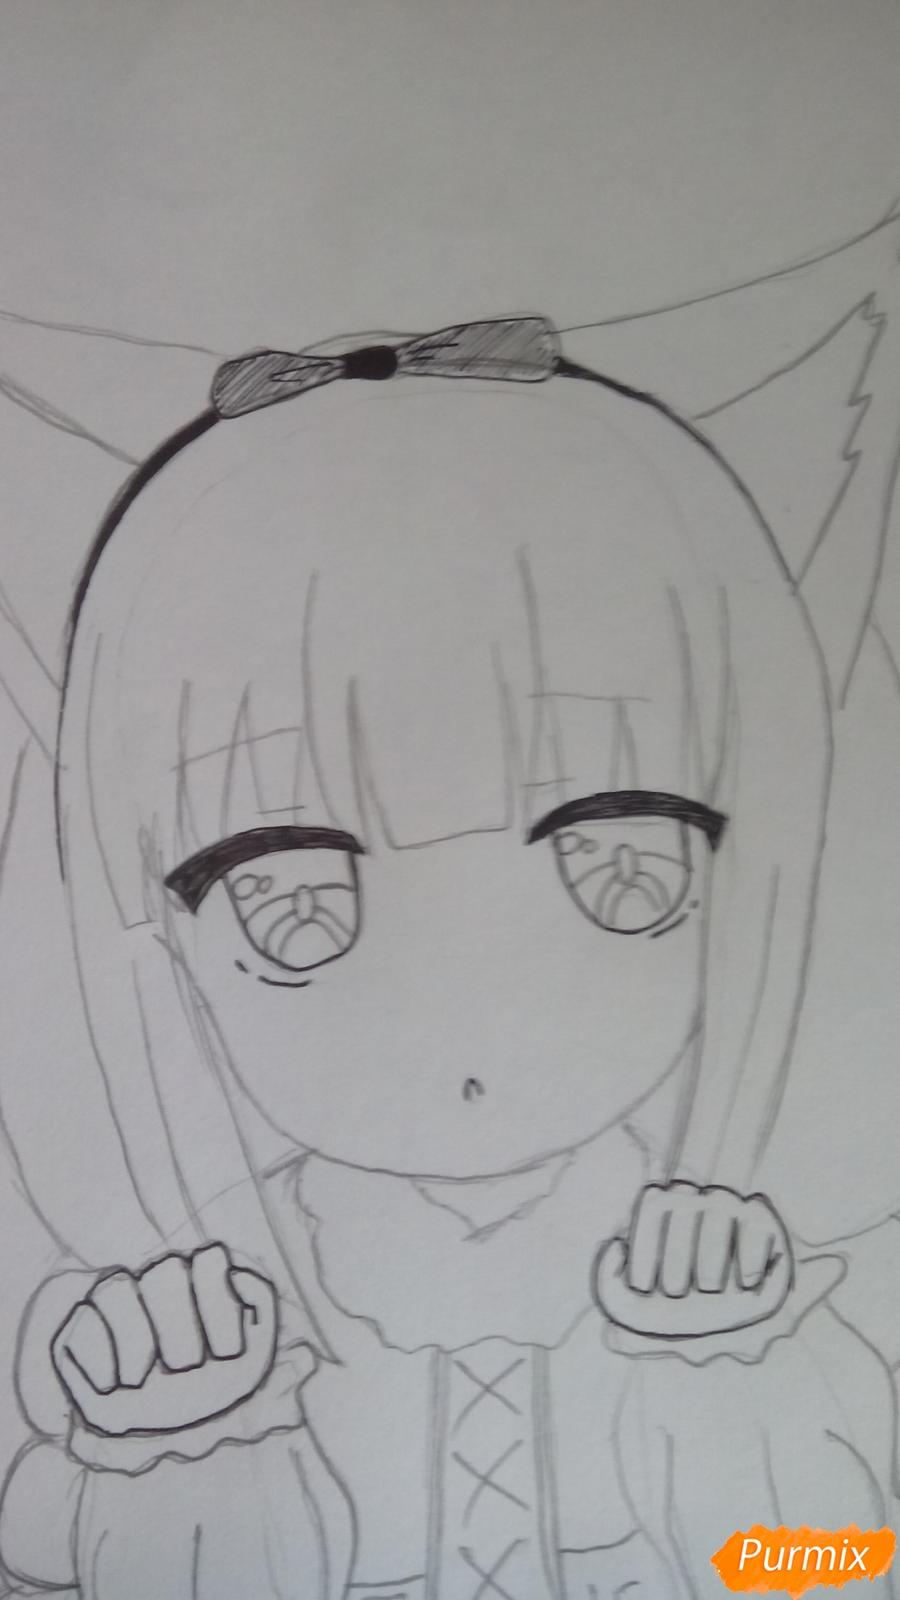 Рисуем Канну из аниме Дракон-горничная карандашами - шаг 9